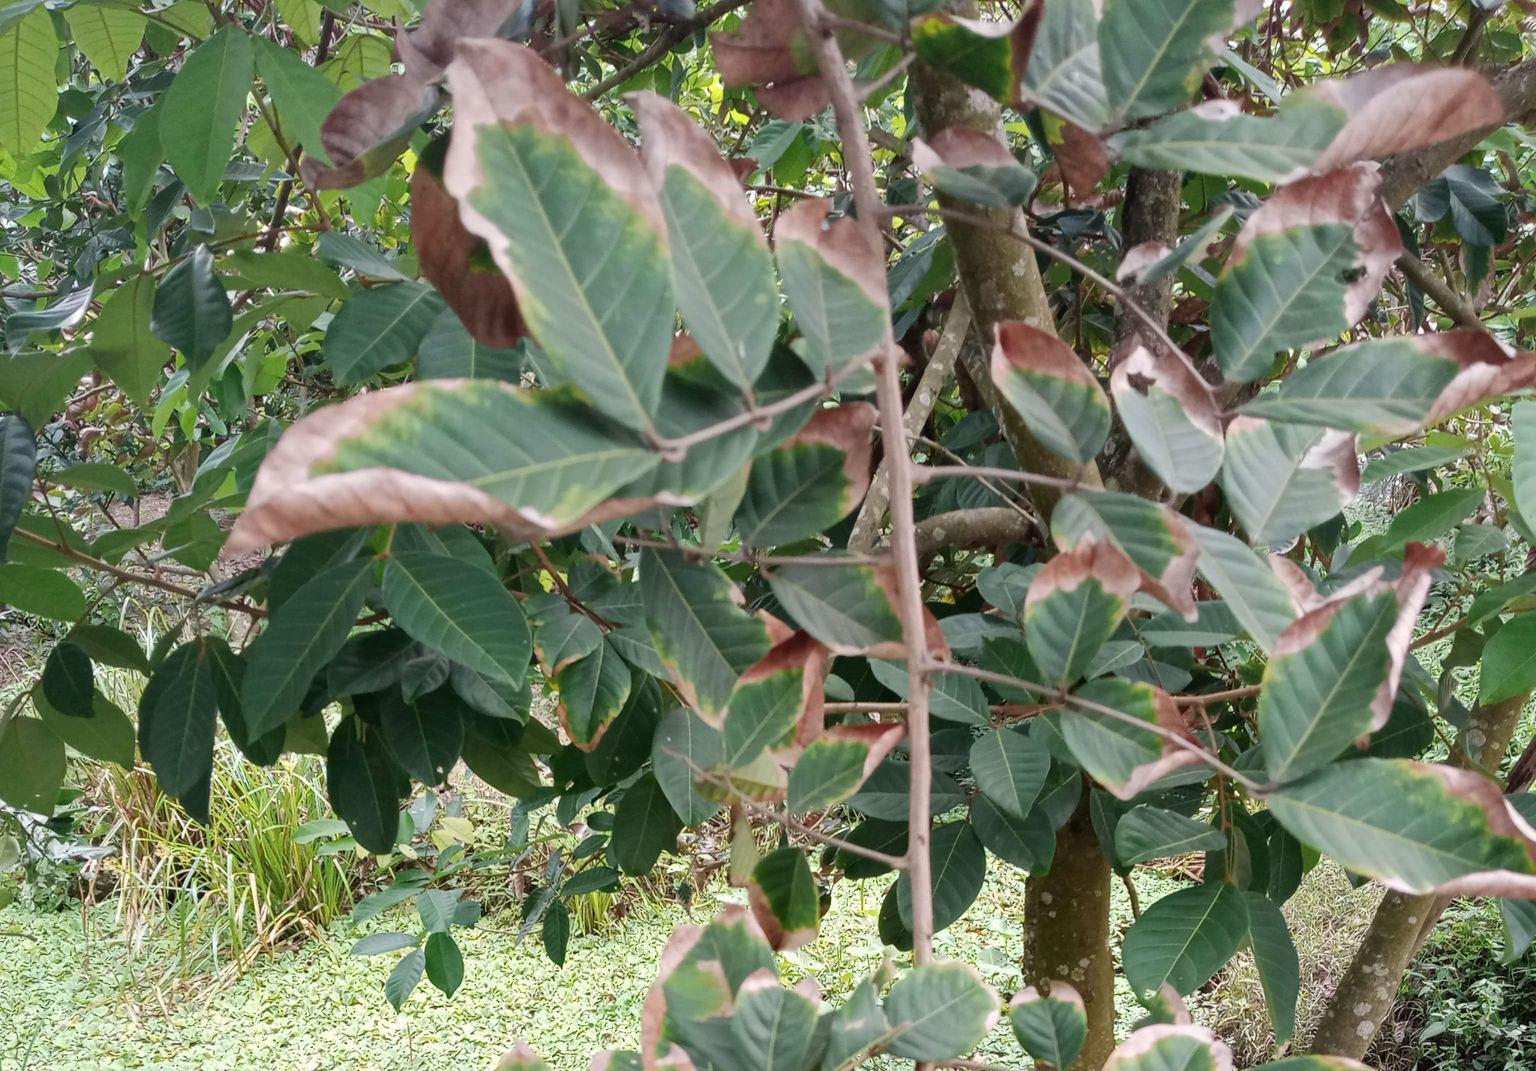 Quy trình chăm sóc cây giống chôm chôm trong điều kiện hạn hán xâm nhập mặn